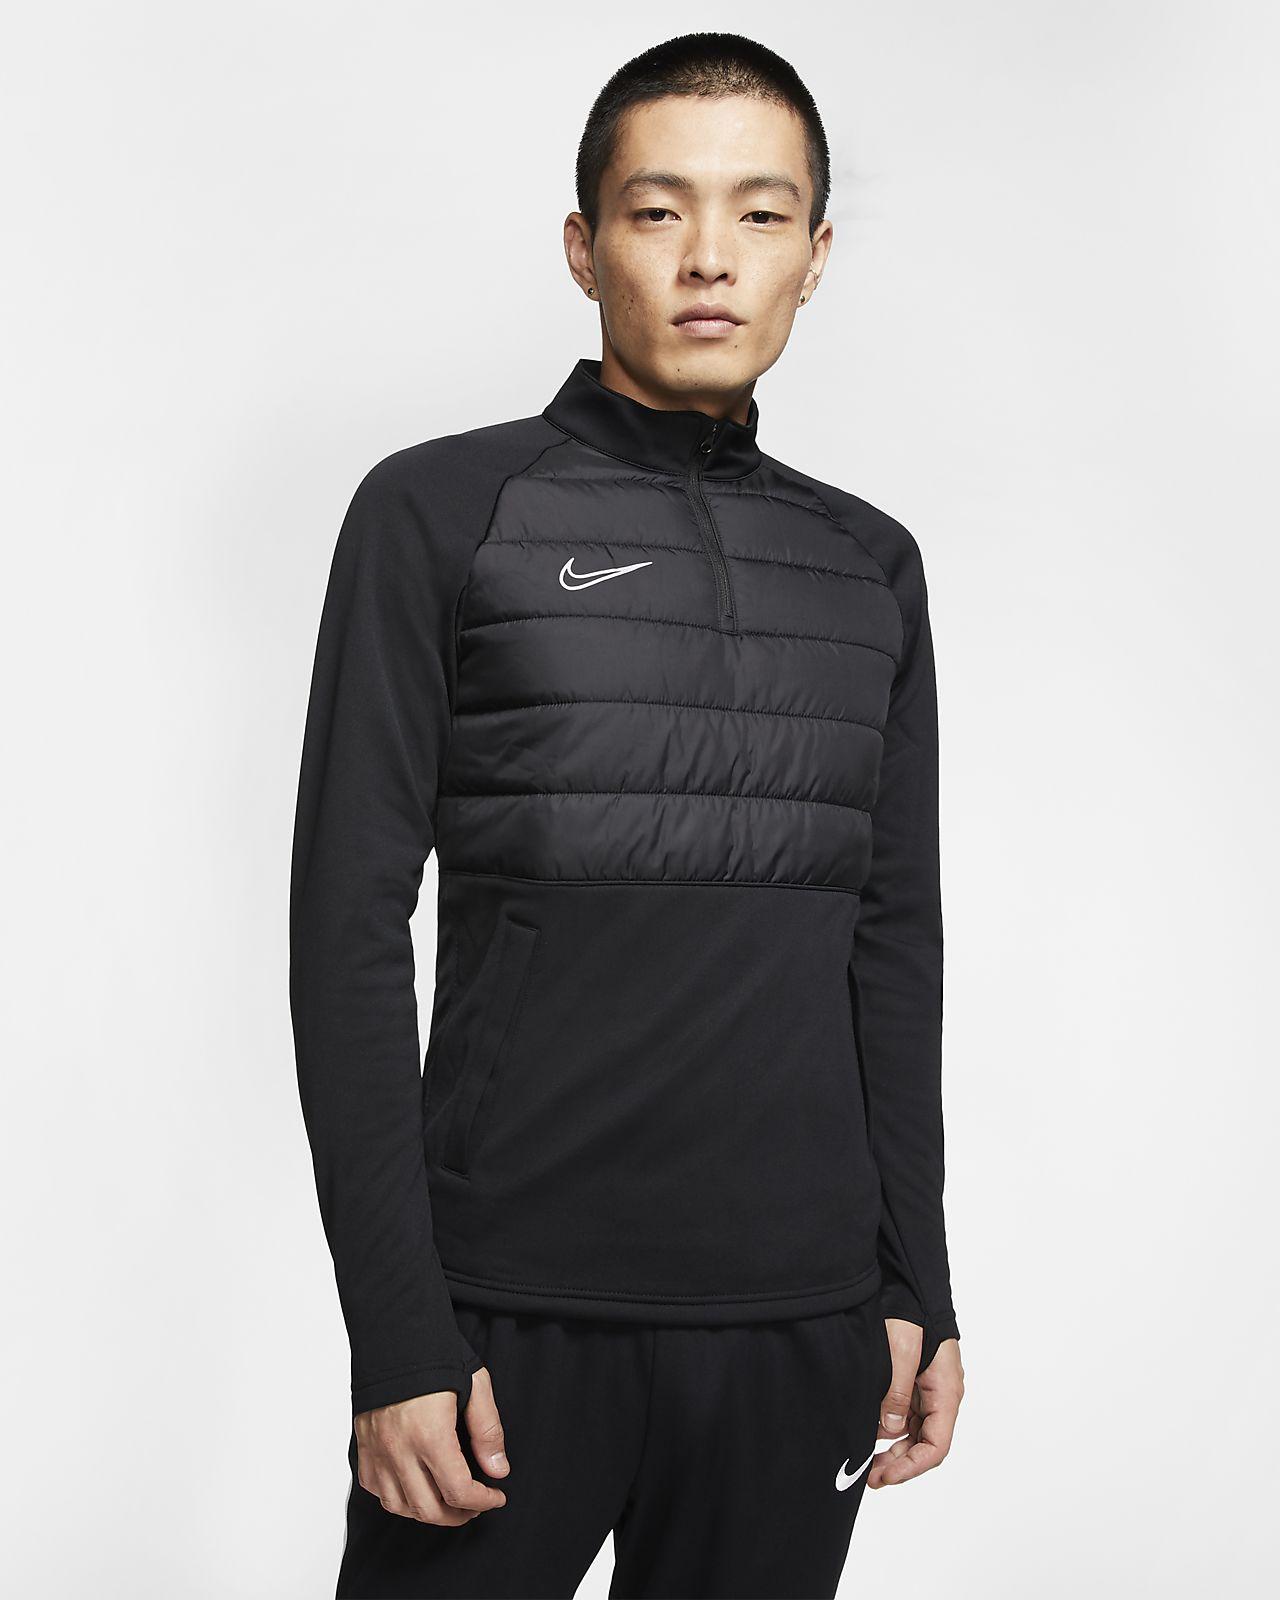 Pánská fotbalová tréninková mikina Nike Dri-FIT Academy